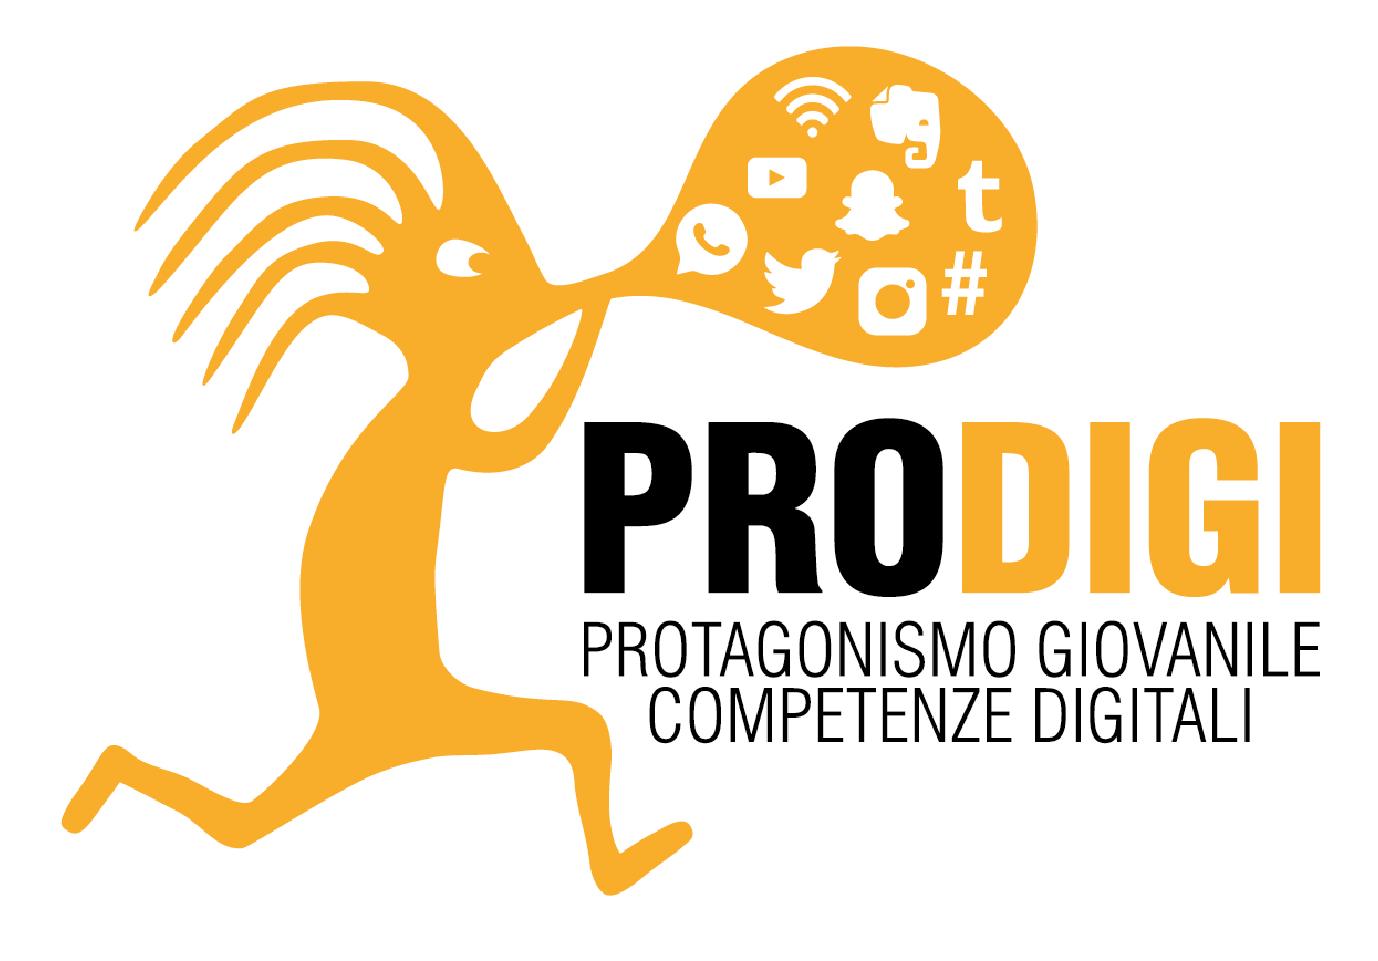 Competenze digitali e giovani protagonisti per una scuola per tutti